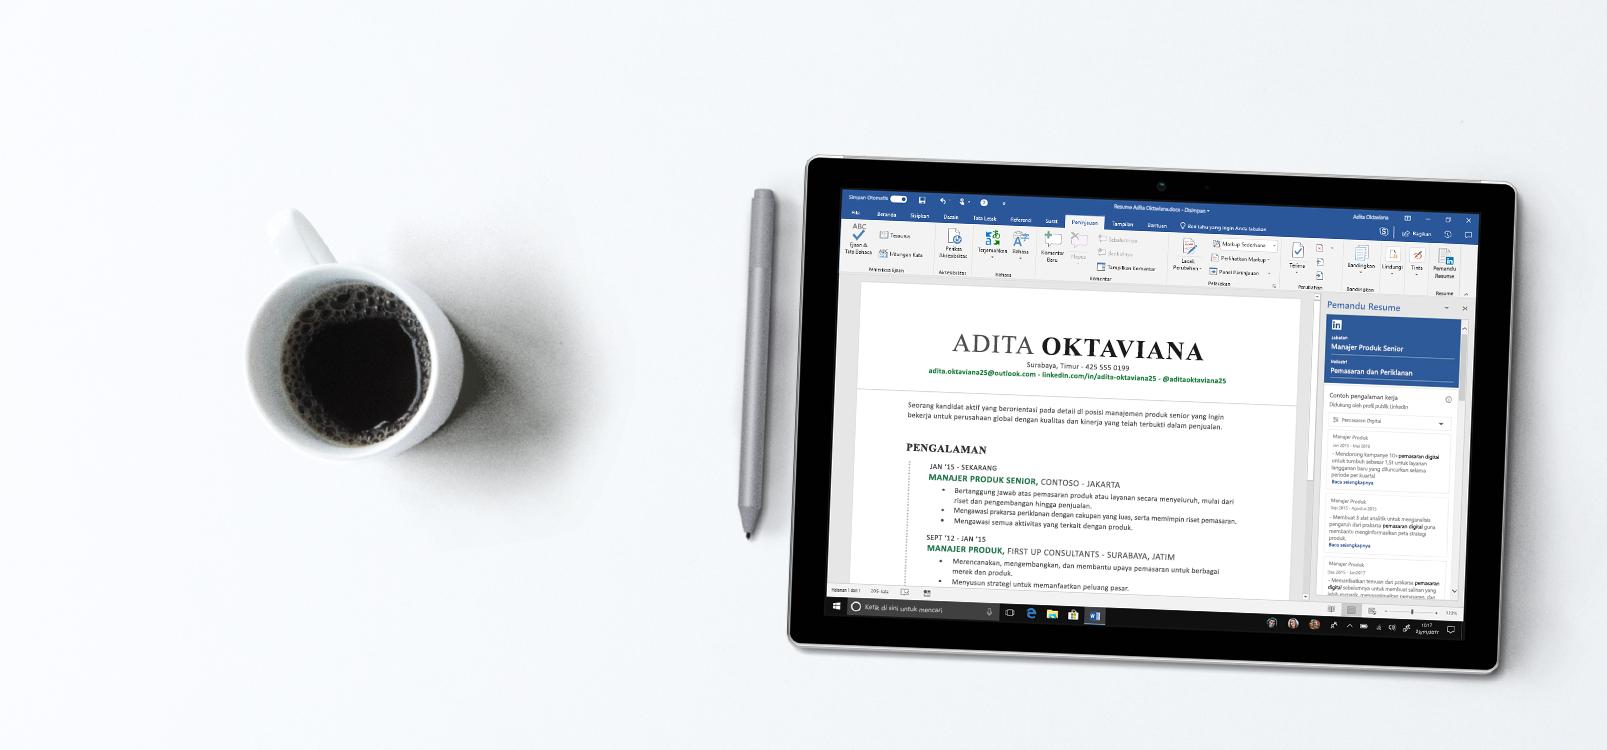 Layar tablet memperlihatkan Word dengan bilah Pemandu Resume di sebelah kanan dengan contoh resume